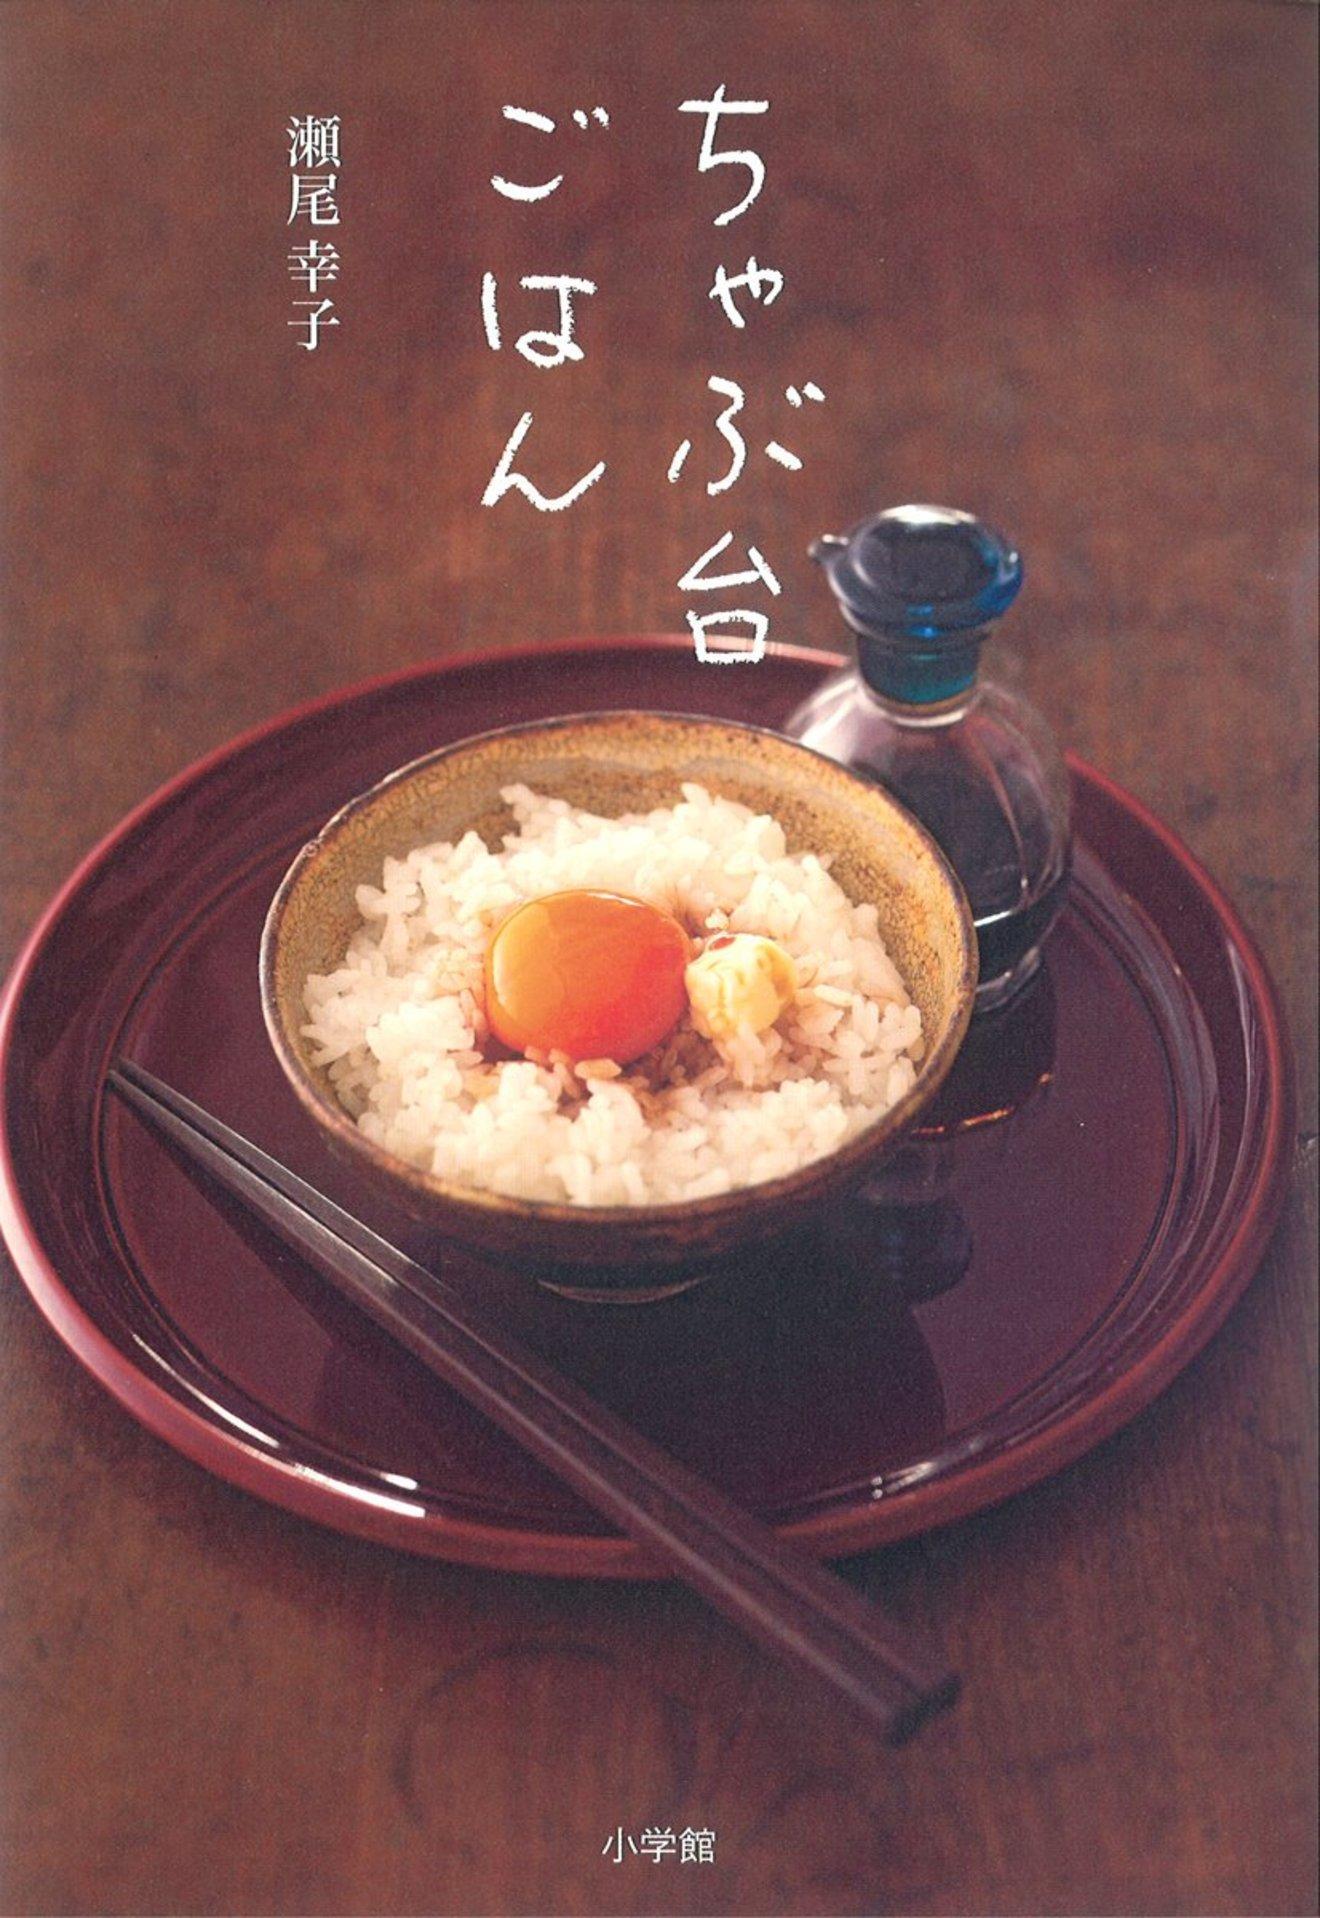 瀬尾幸子のおすすめレシピ本5選!お弁当やおつまみにも